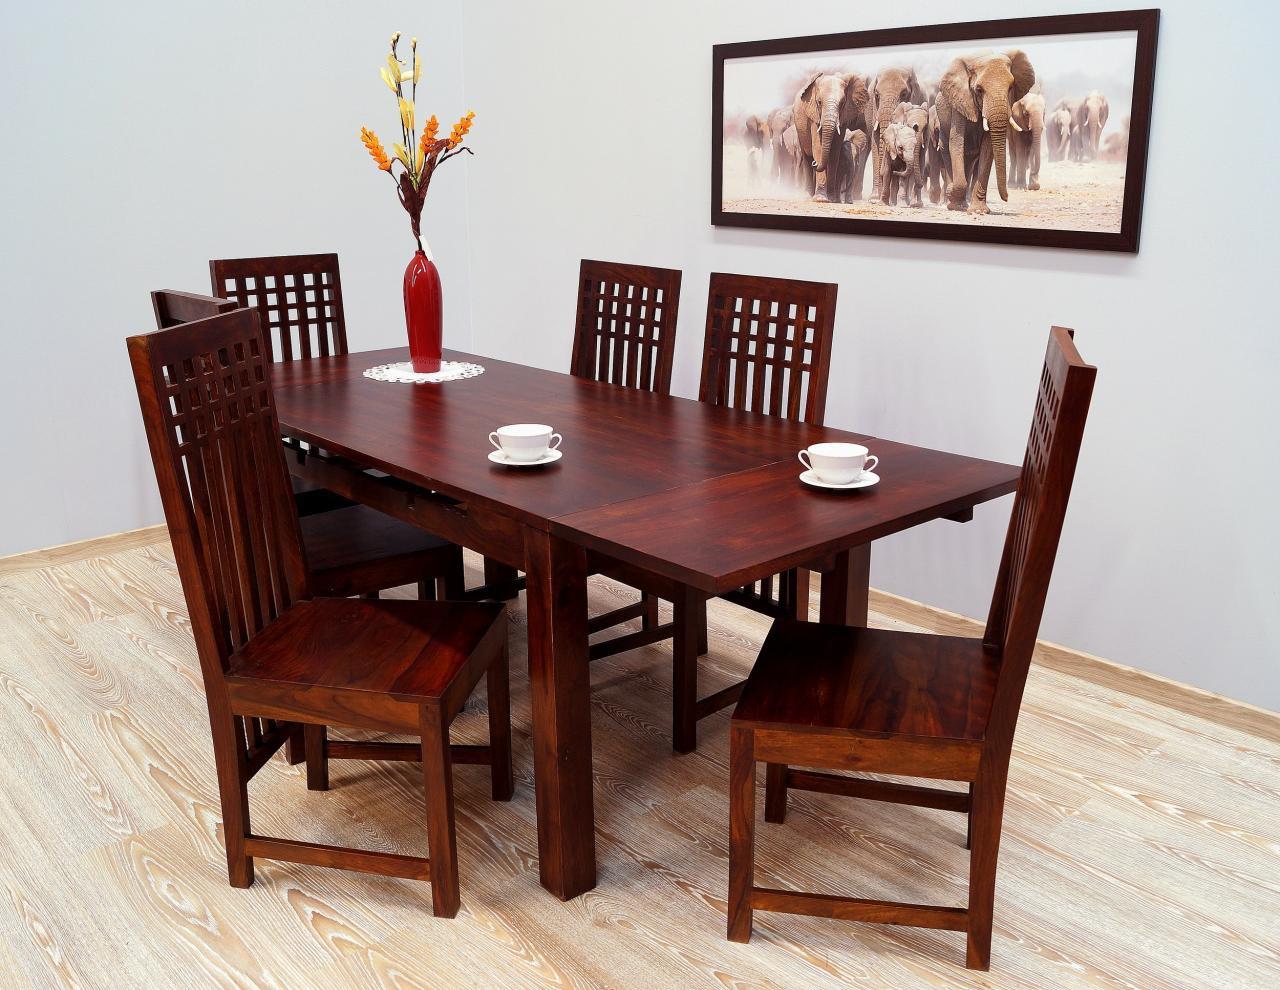 Komplet obiadowy kolonialny stół rozkładany + 6 krzeseł lite drewno palisander indyjski ciemny brąz